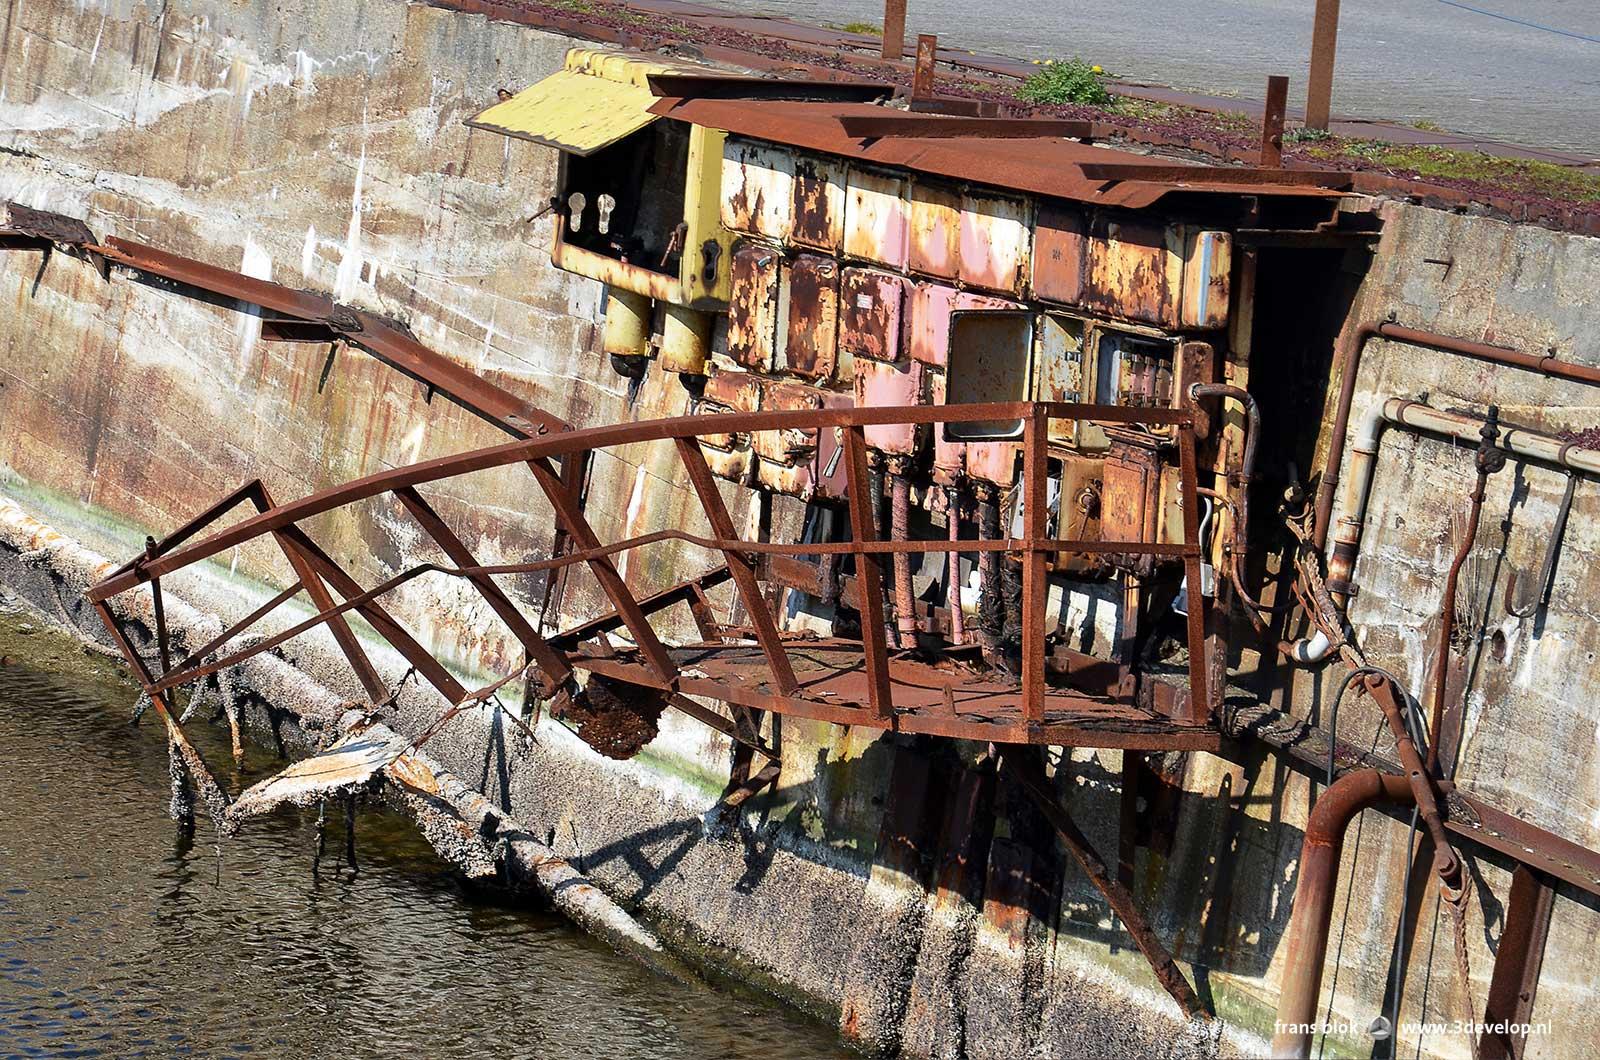 Roestige en gedeeltelijk ingestorte constructie tegen een ruwe betonnen kade in Vlissingen